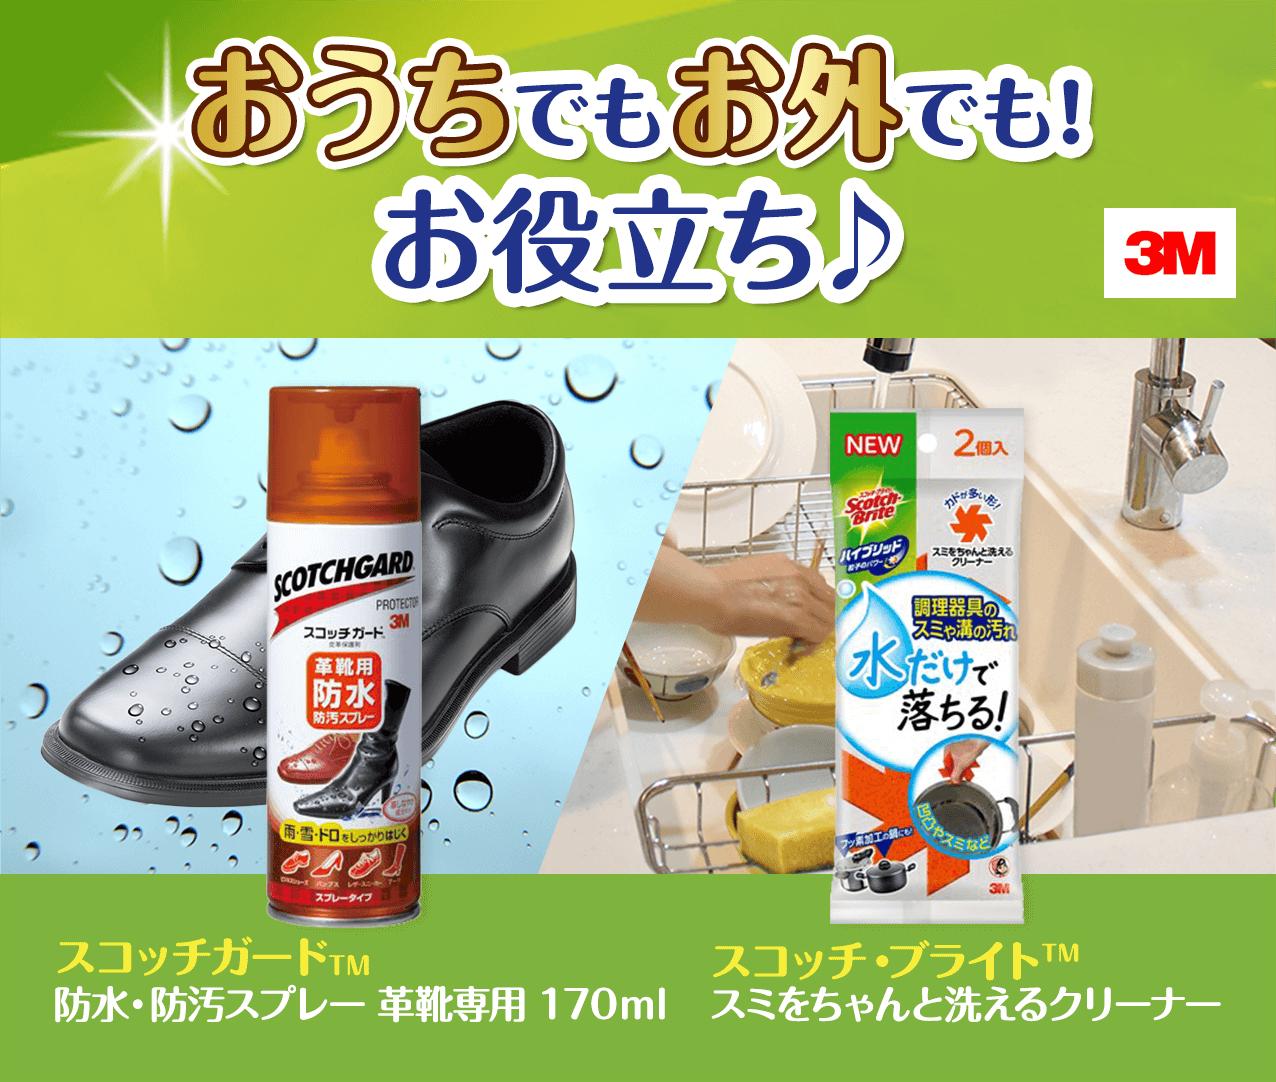 スコッチブライト おうちでもお外でも!お役立ち♪ スコッチガードTM 防水・防汚スプレー 革靴専用 スコッチ・ブライトTM スミをちゃんと洗えるクリーナー